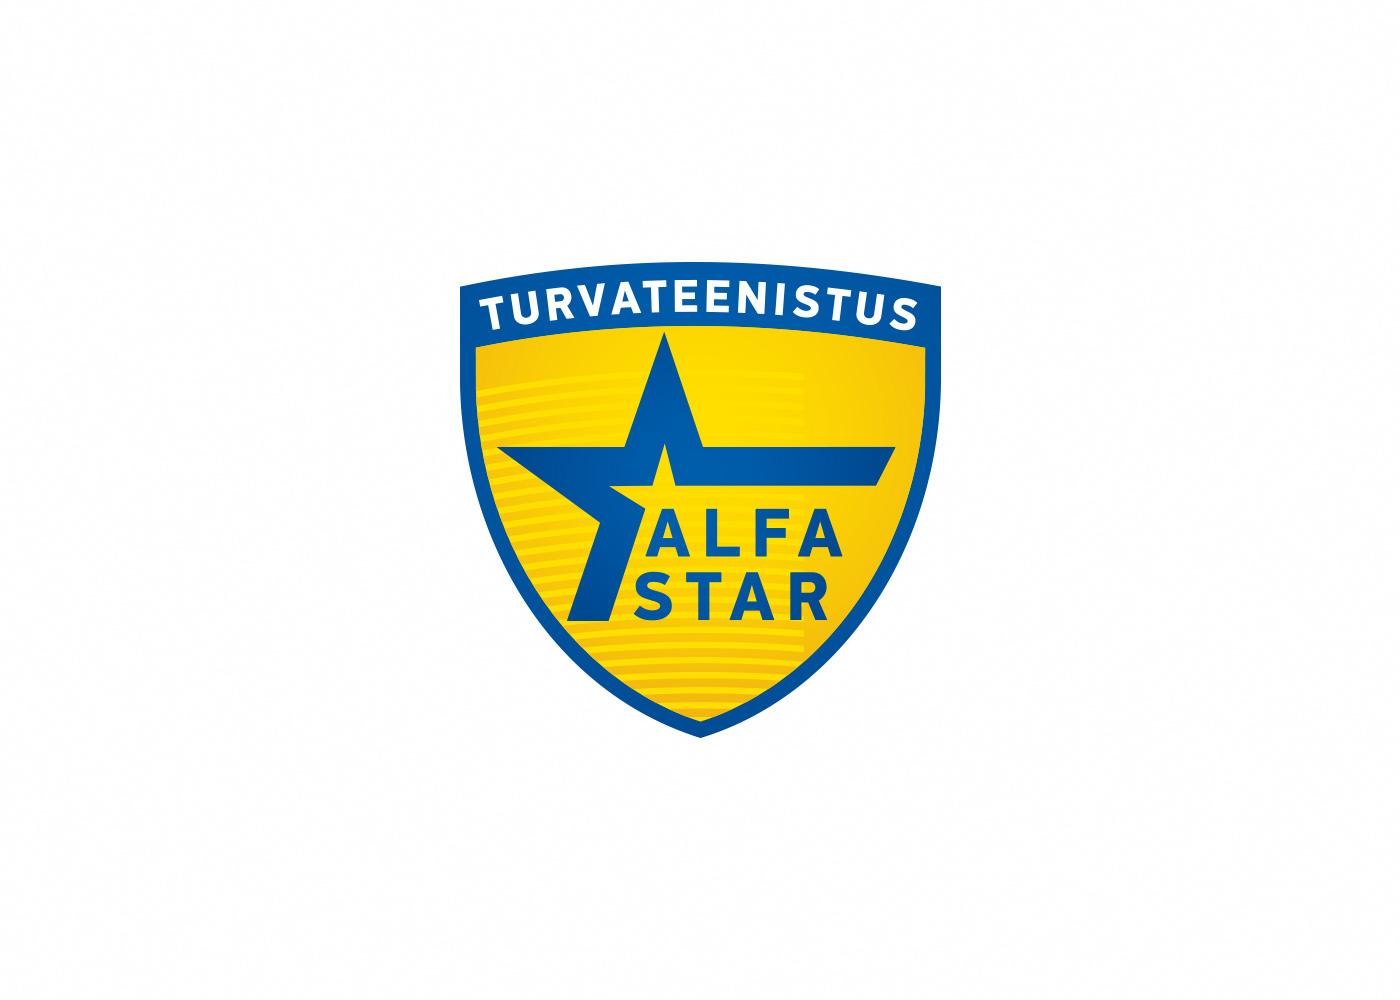 alfastar logo white